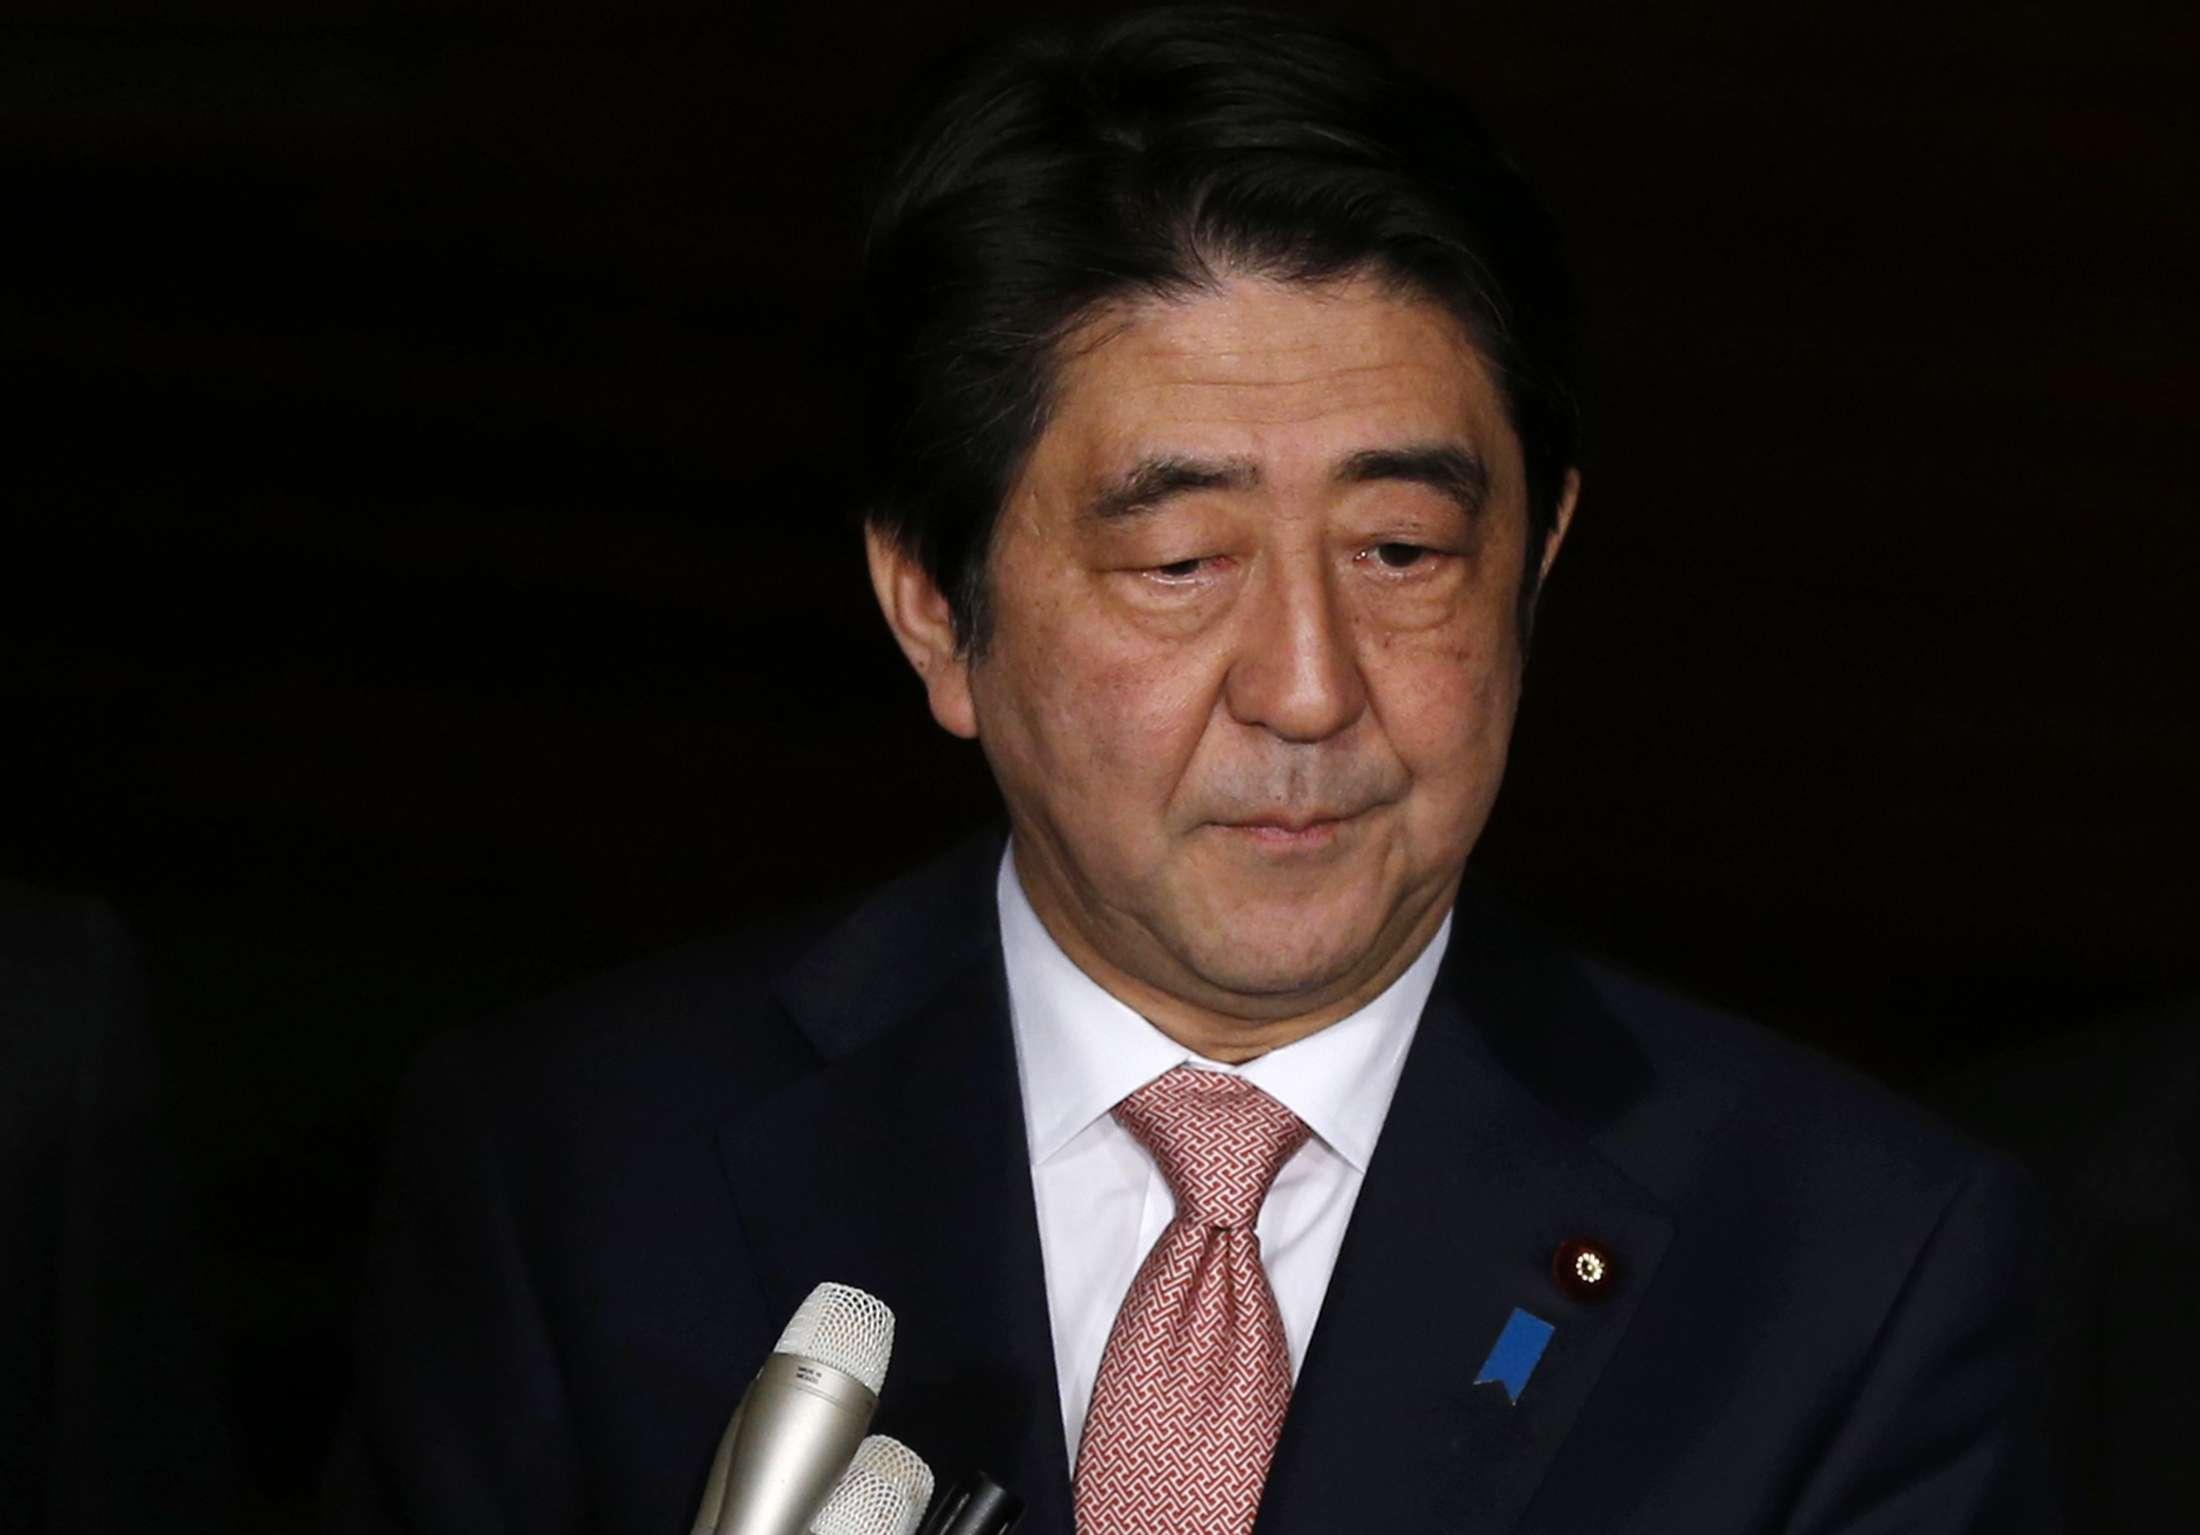 Dois japoneses são mantidos reféns pelo grupo Estado Islâmico e o premiê japonês pede ajuda aos líderes do Oriente Médio Foto: Toru Hanai/Reuters